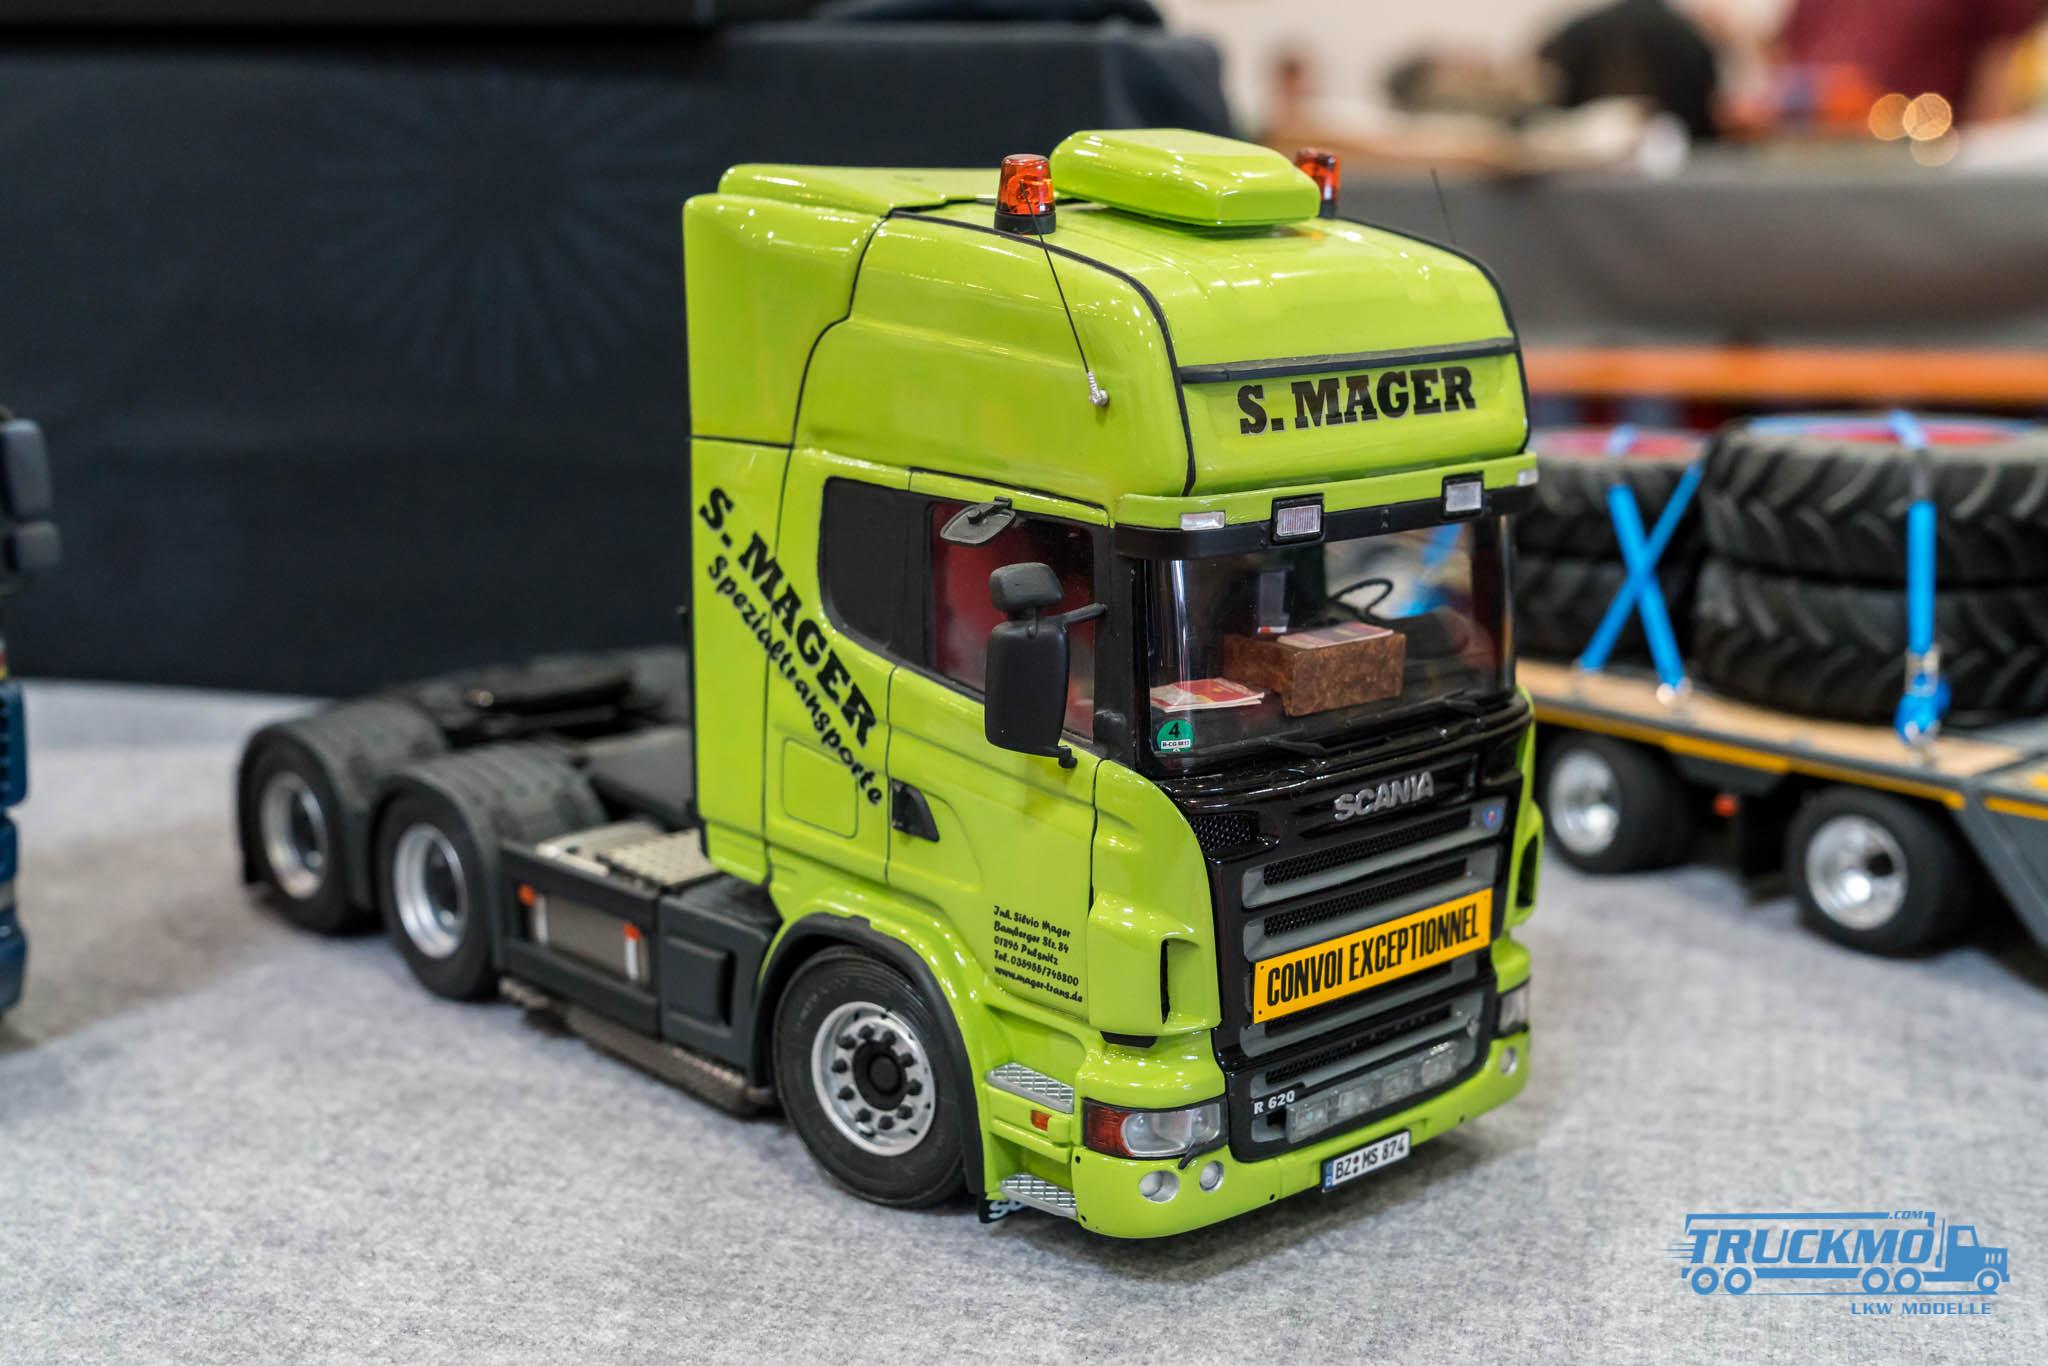 Truckmo_Modellbau_Ried_2017_Herpa_Messe_Modellbauausstellung (404 von 1177)